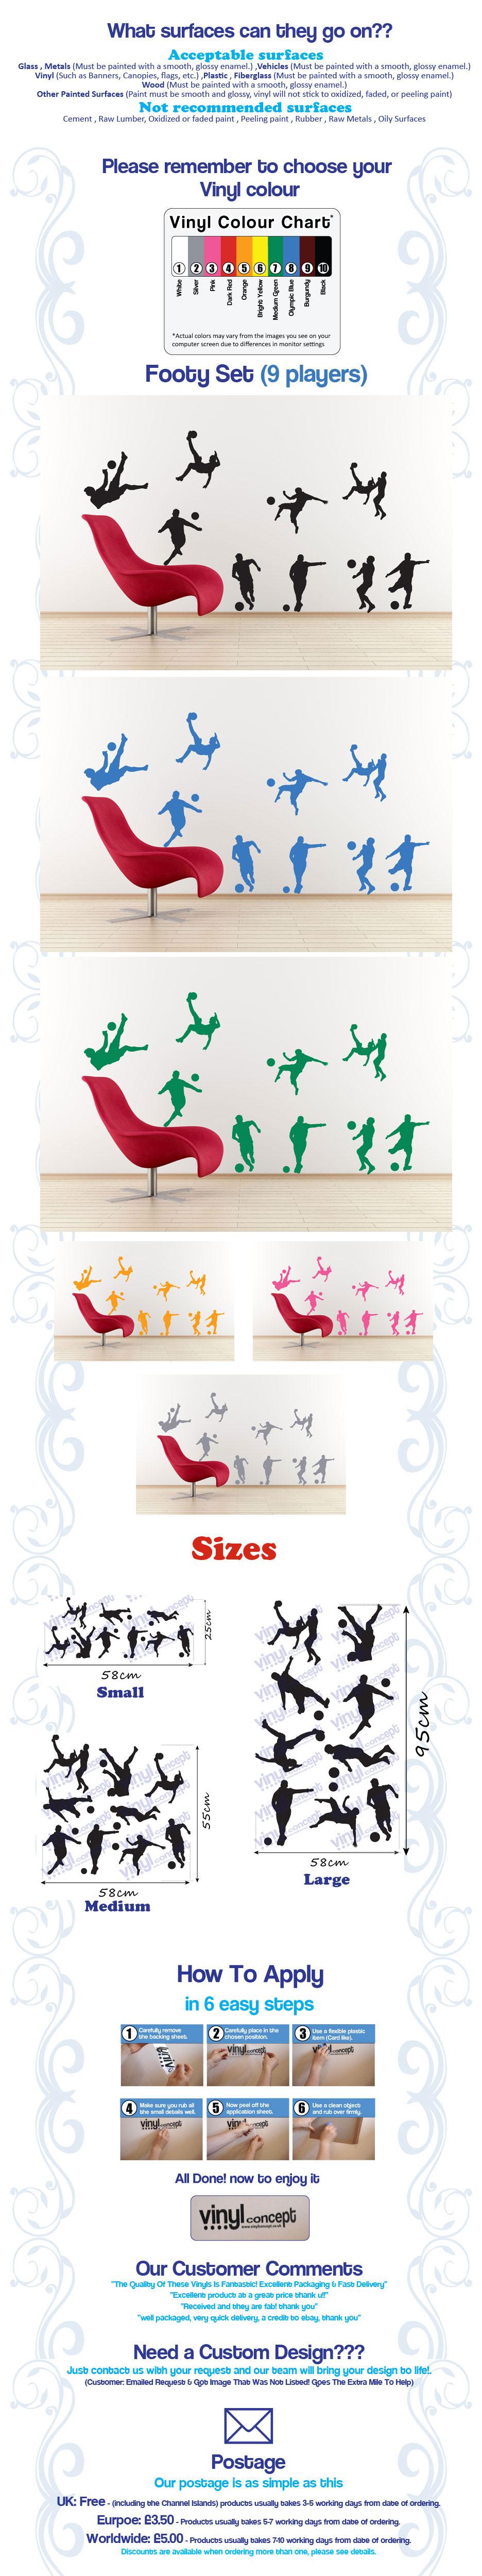 Wall-Stickers---Vinyl-Art-Decals---Vinyl-Concept!